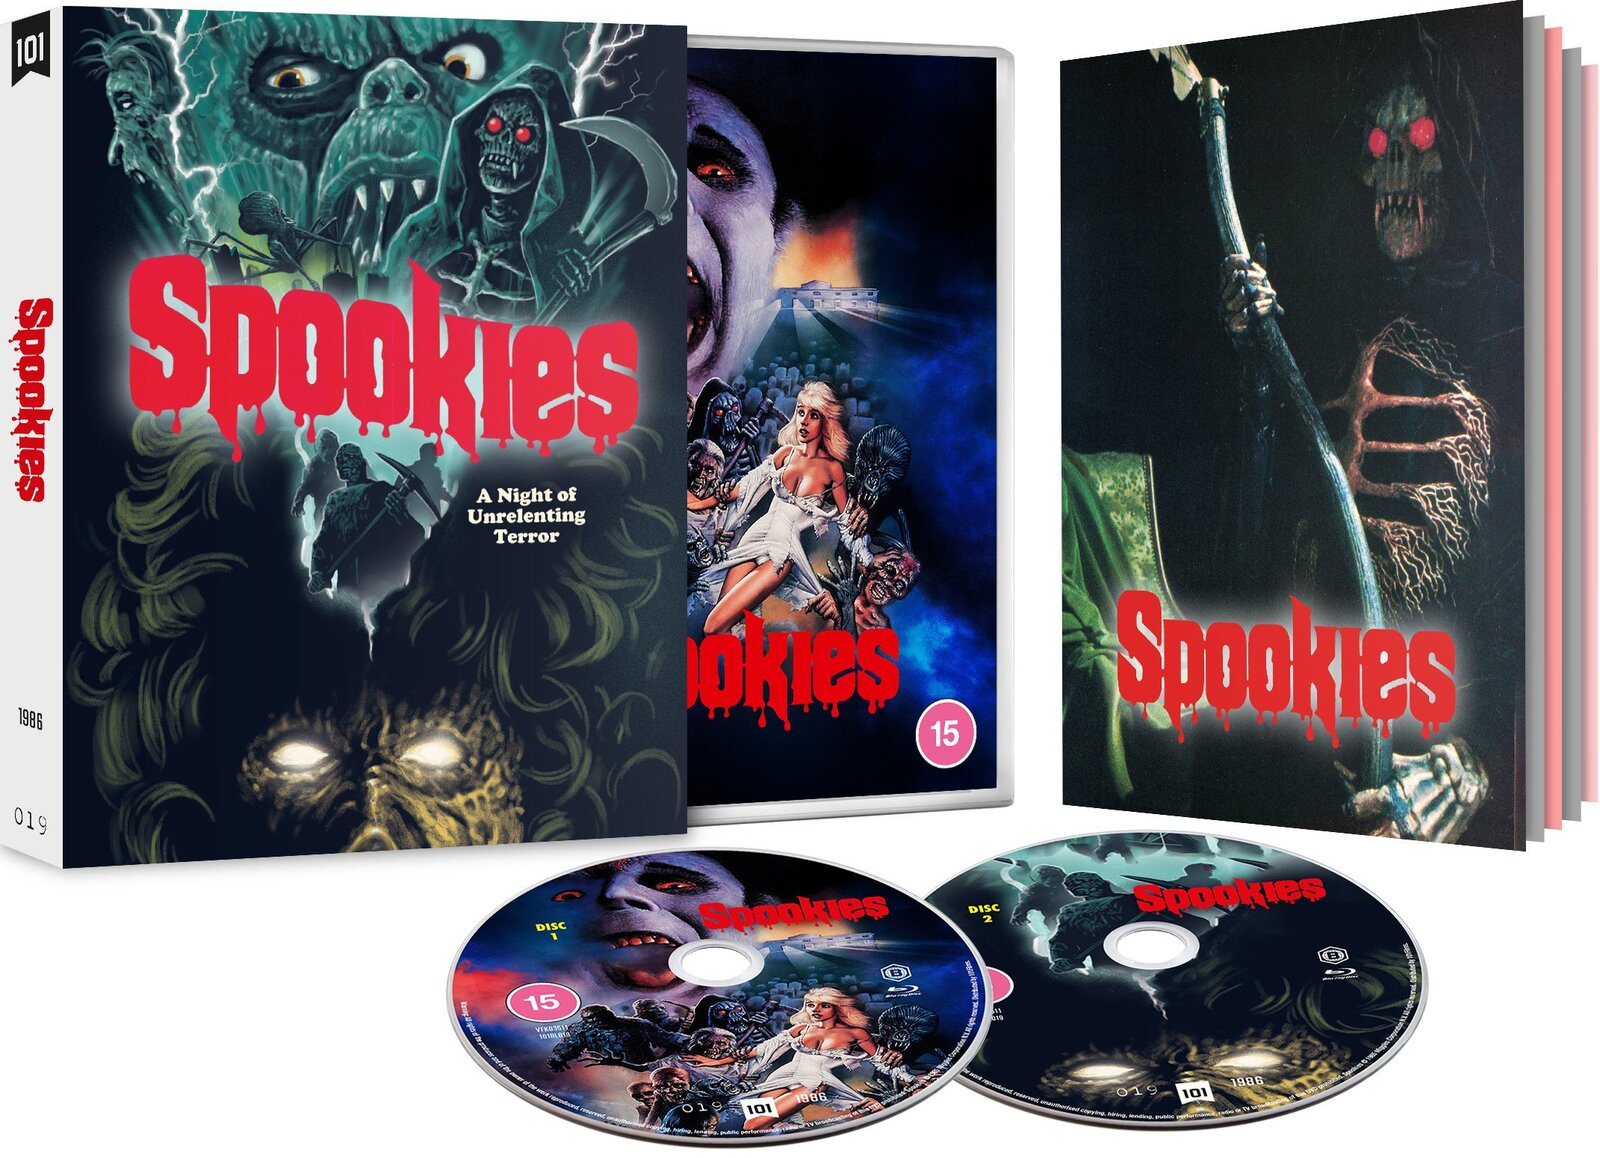 Spookies_EXPLODED_PACK_2400x.jpg